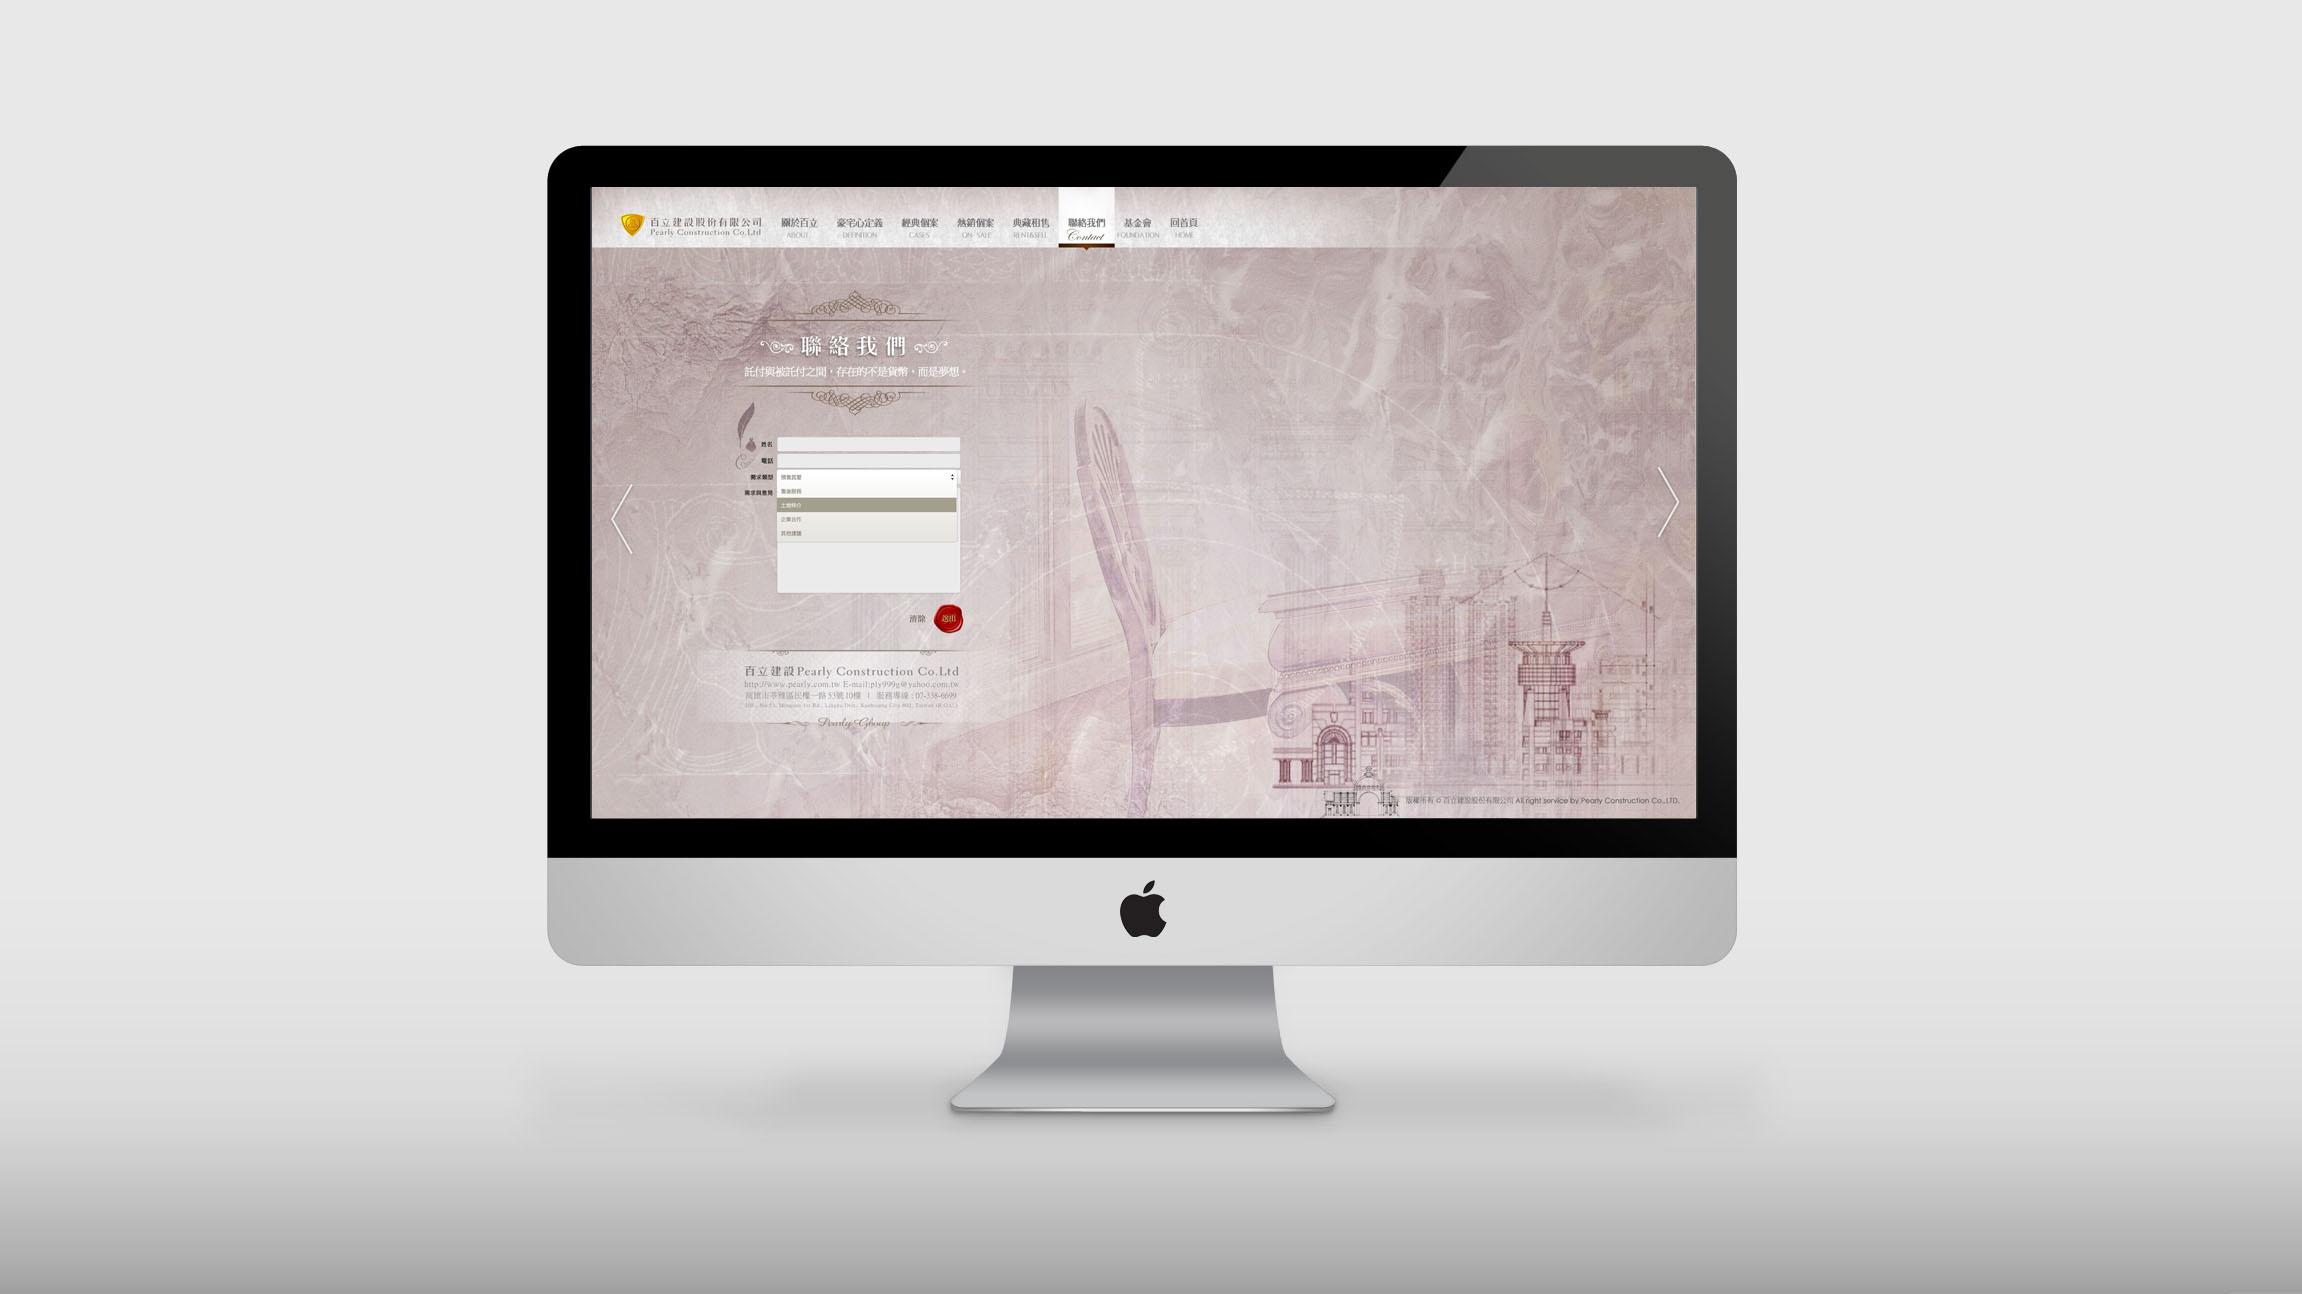 0114 百立建設官網建構 網站版型精稿提案 7 聯絡我們 iMac